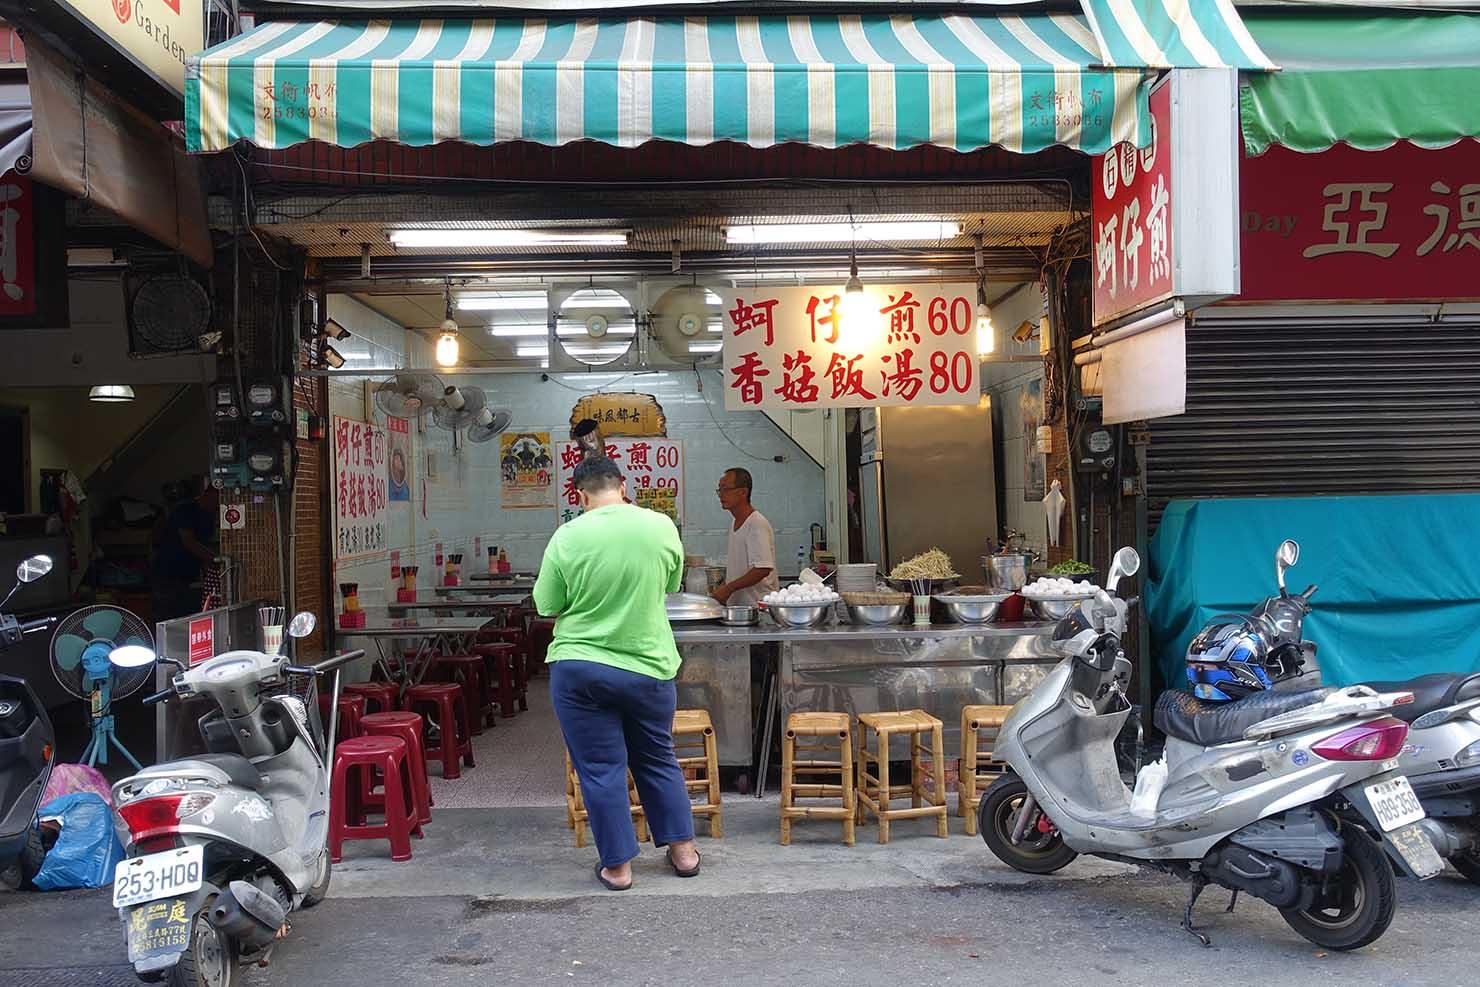 台湾の古都・台南のおすすめグルメスポット「國華街」の蚵仔煎(牡蠣オムレツ)店